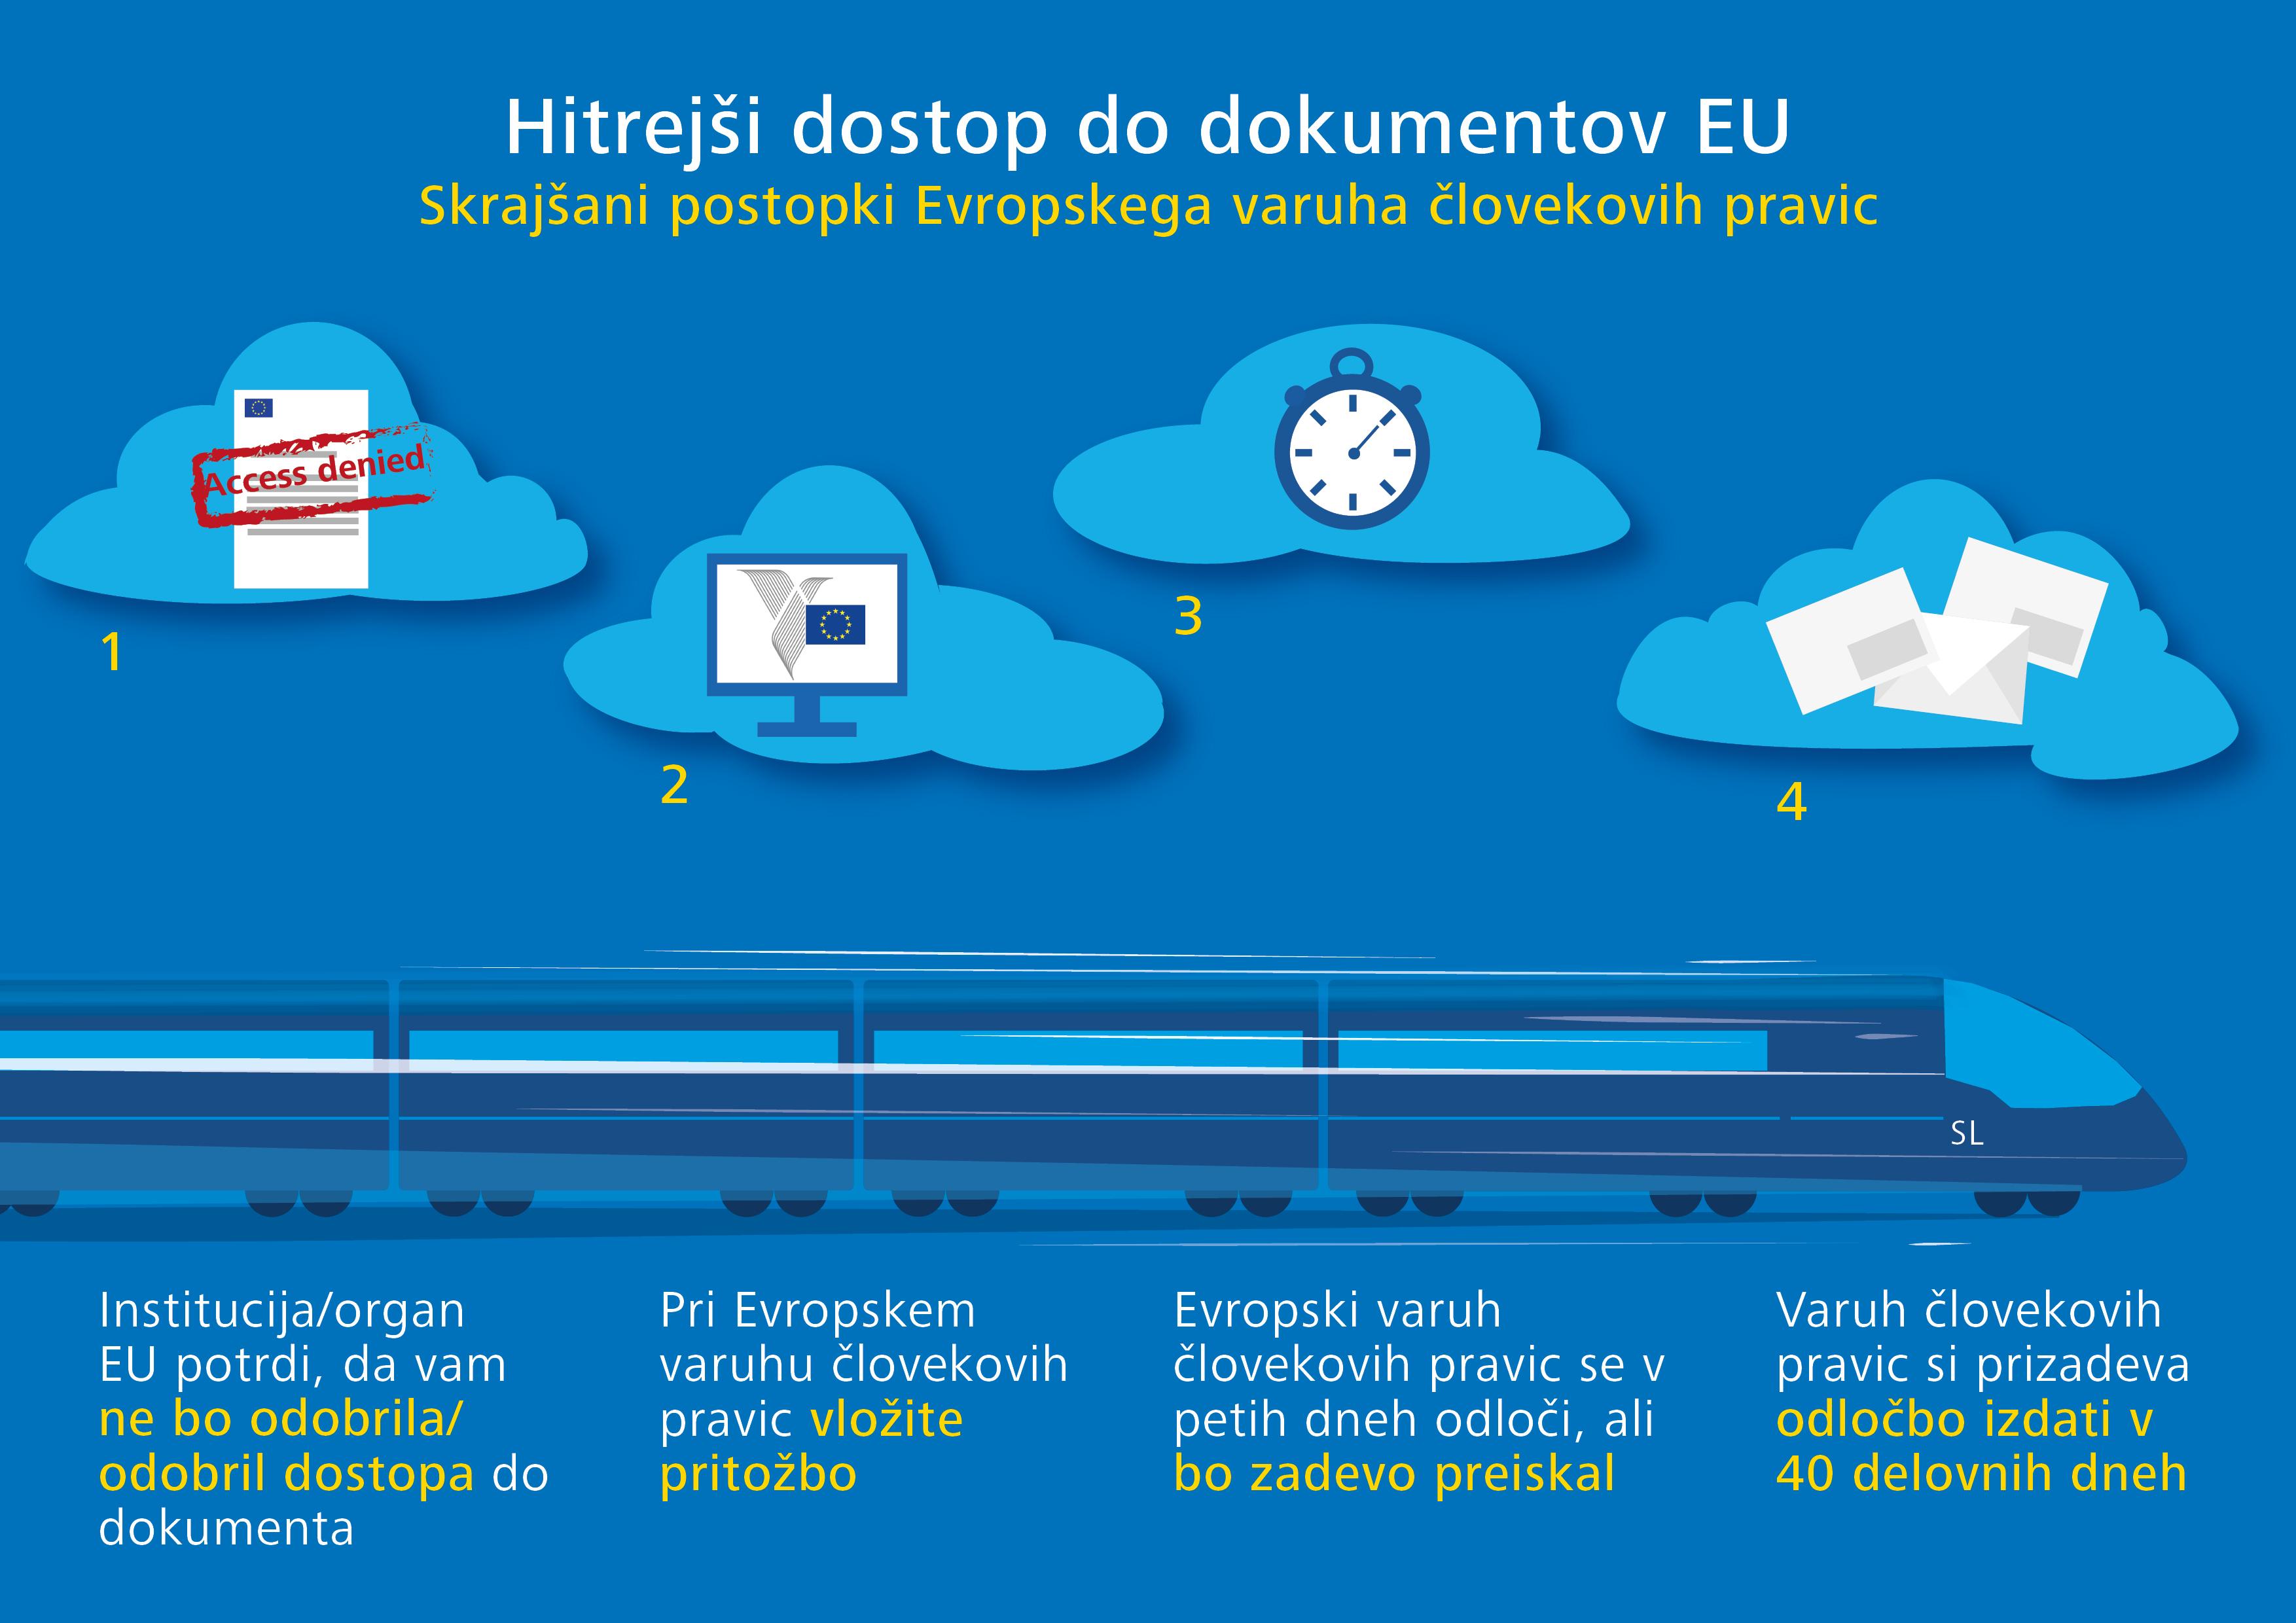 Hitrejši dostop do dokumentov EU